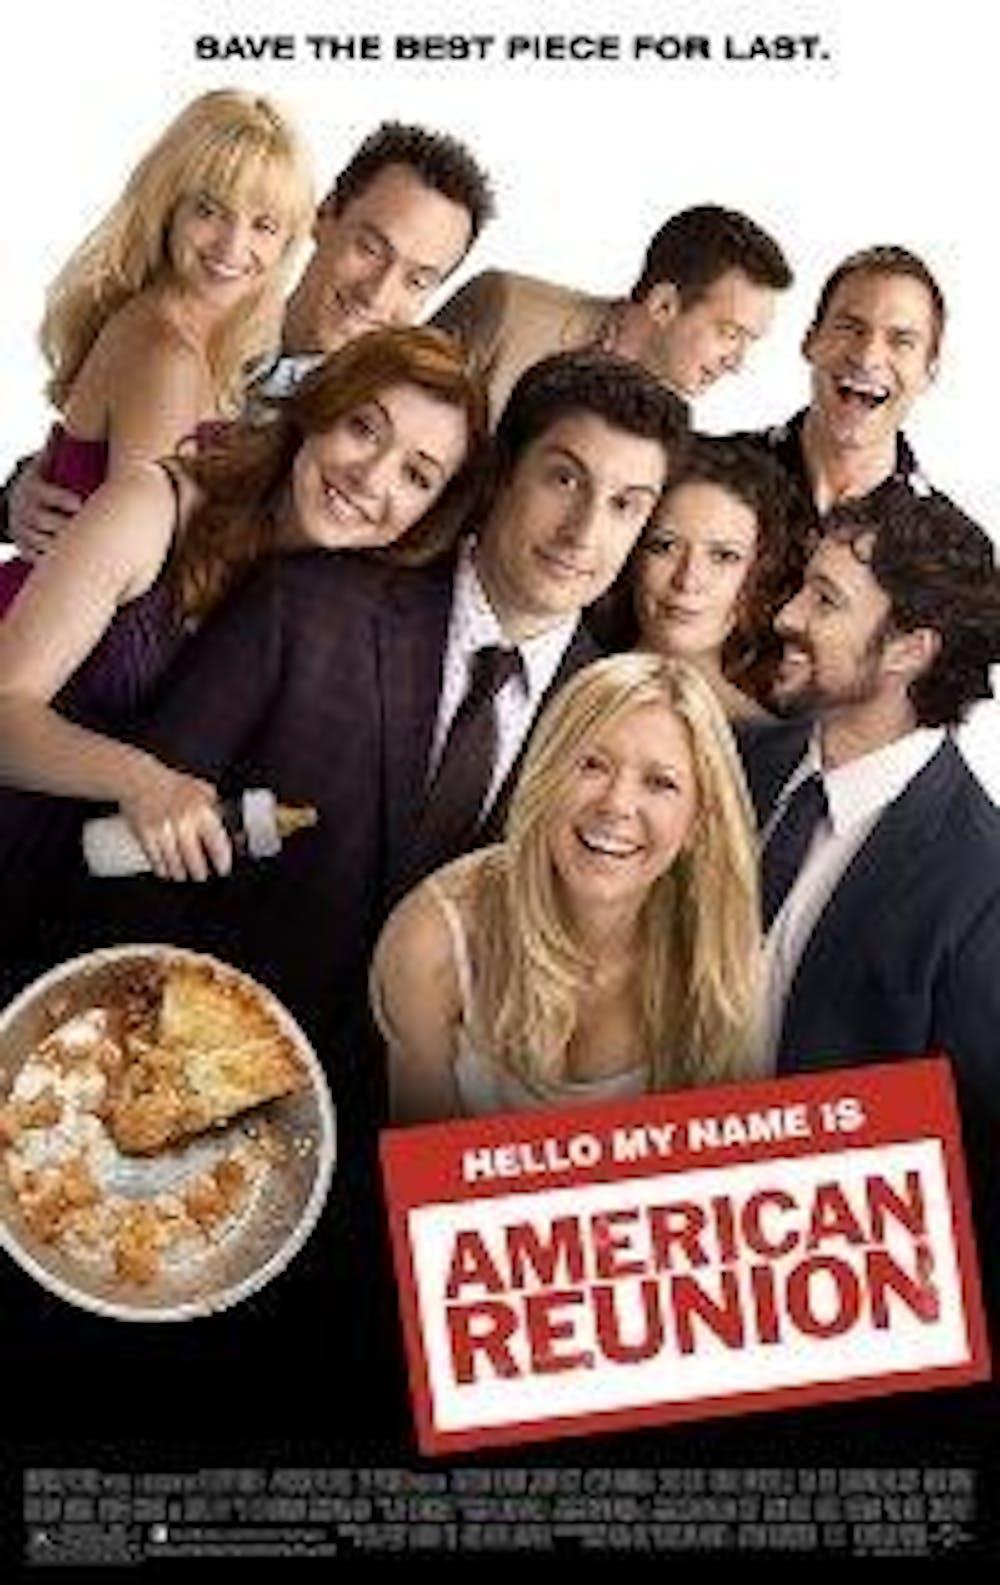 -- image courtesy of IMDb